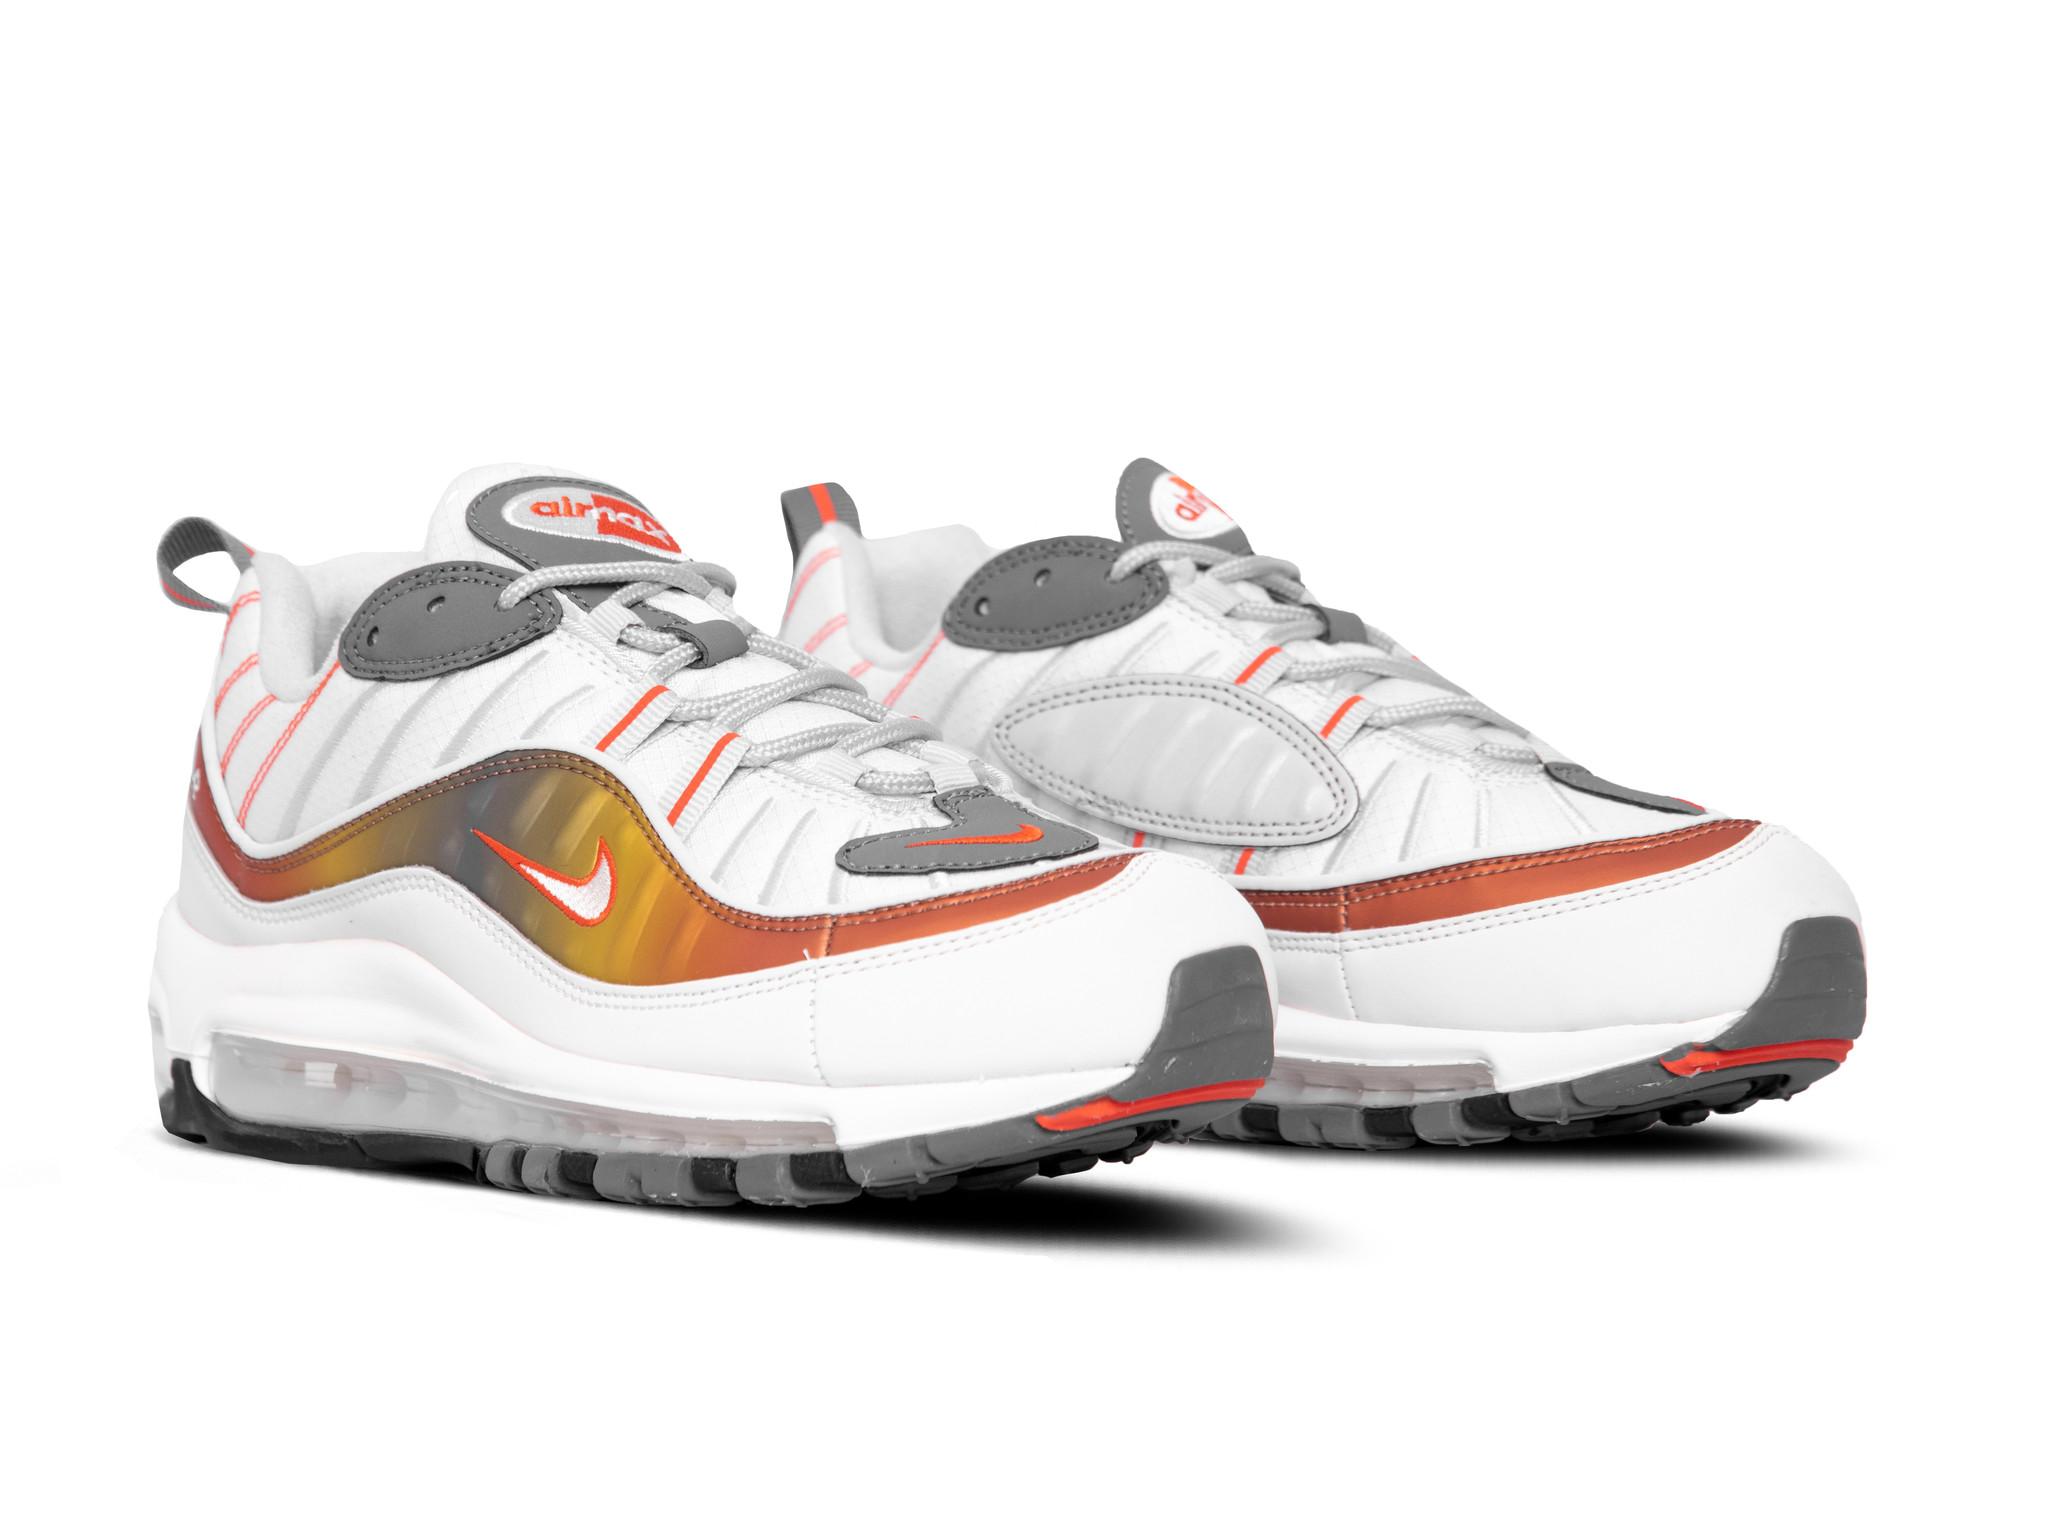 Nike Air Max 98 SE Vast GreySummit White